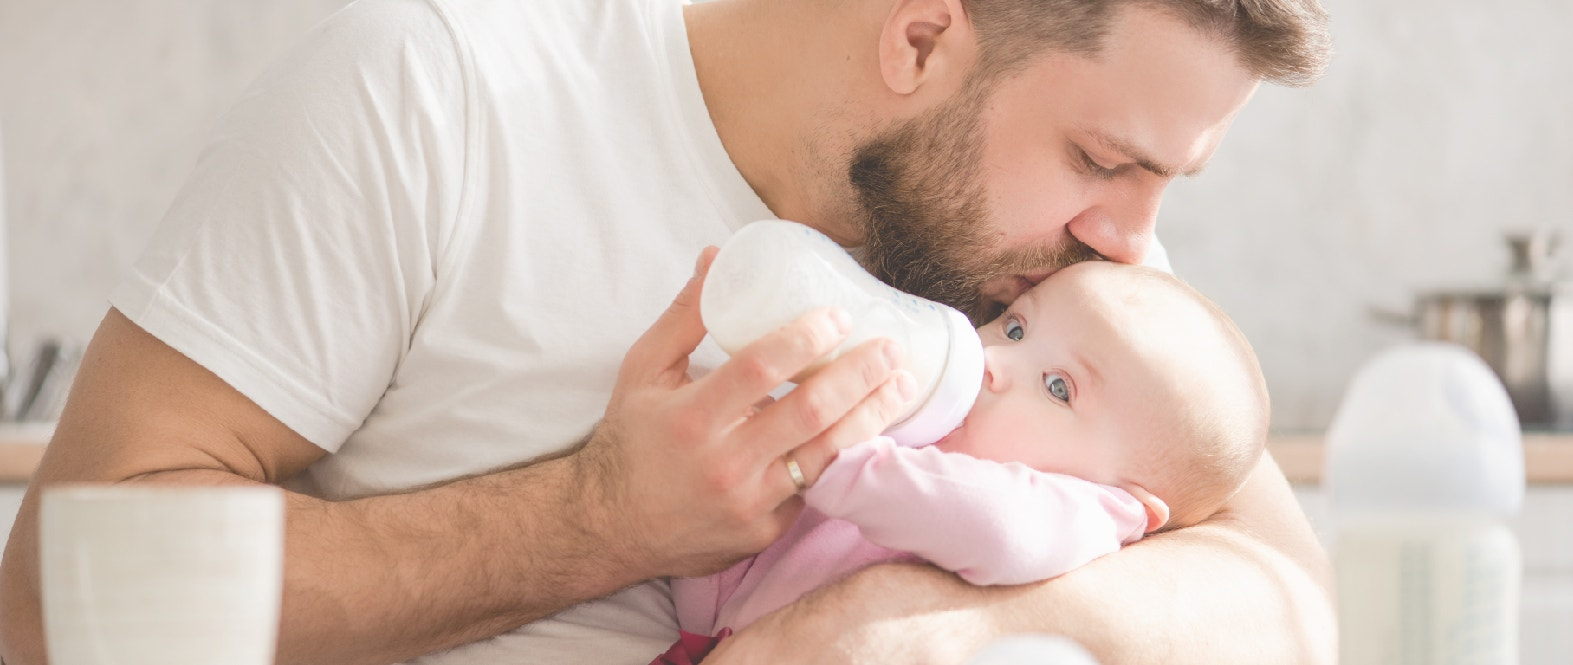 ¿Cómo trabajar el vínculo del padre con el bebé?